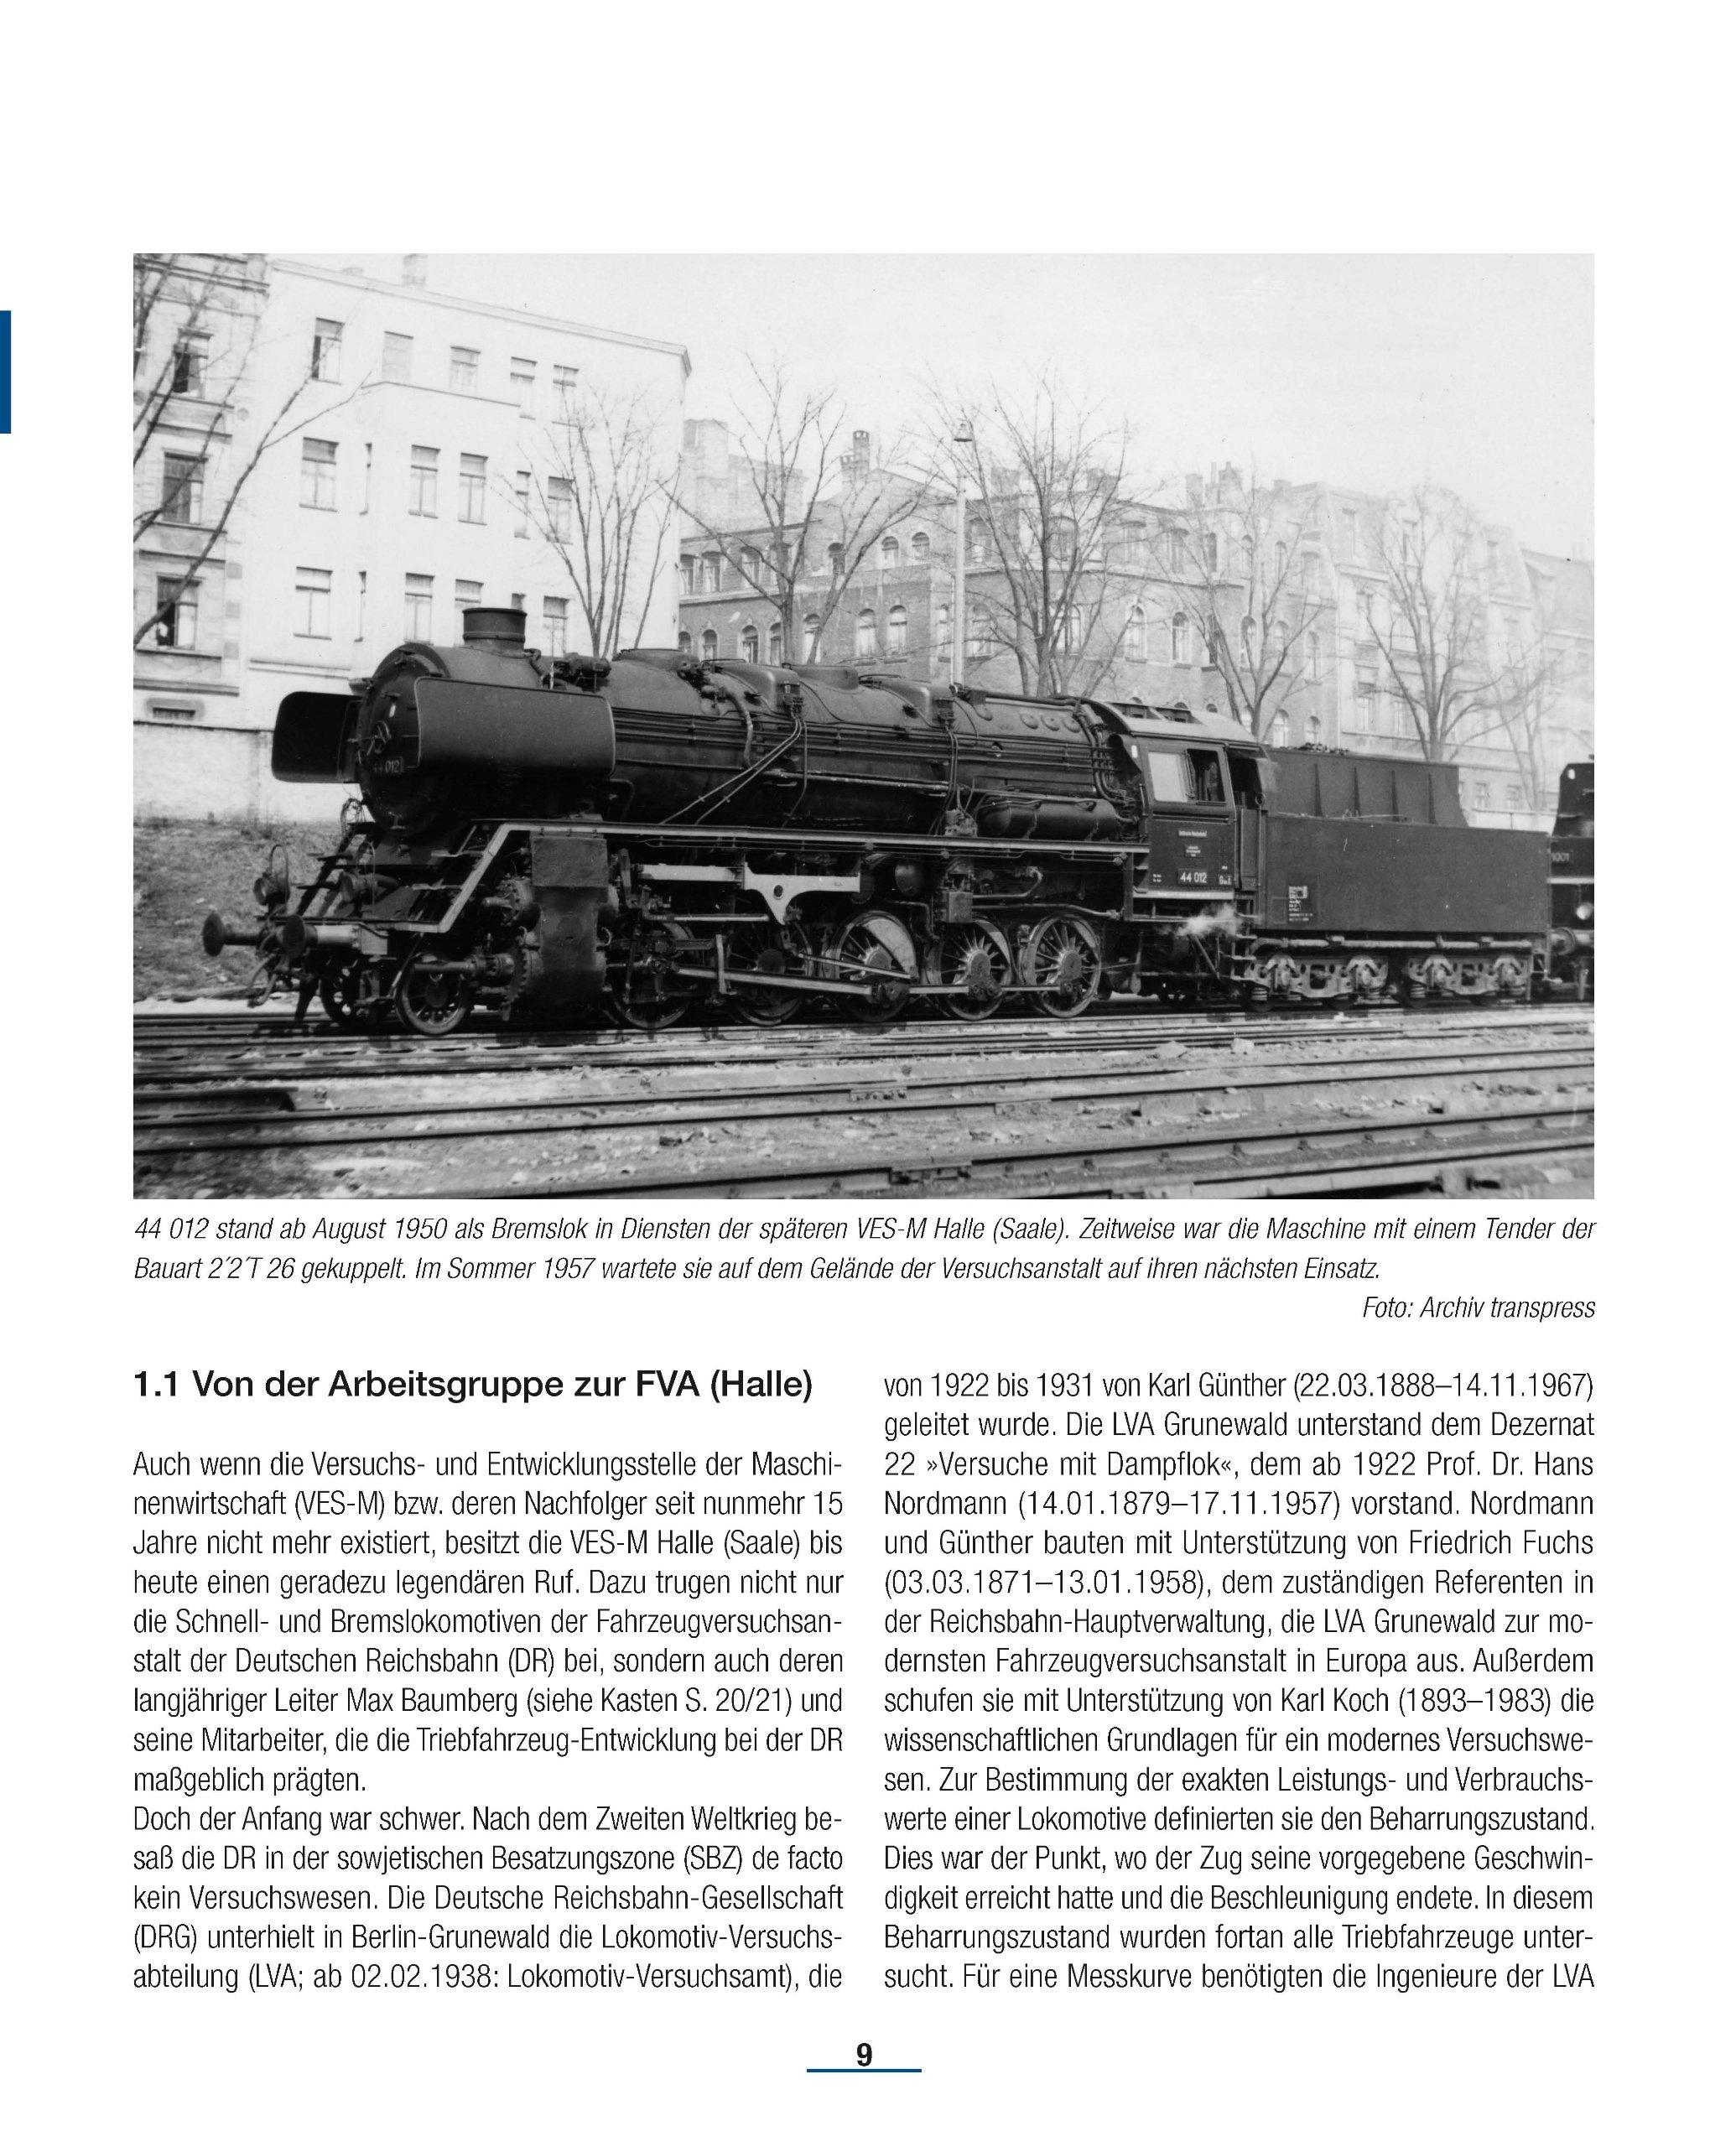 SCHORSCH Die Stars 18 201 u 18 314 aus Halle Schnellzugdampflokomotive JIMMO u